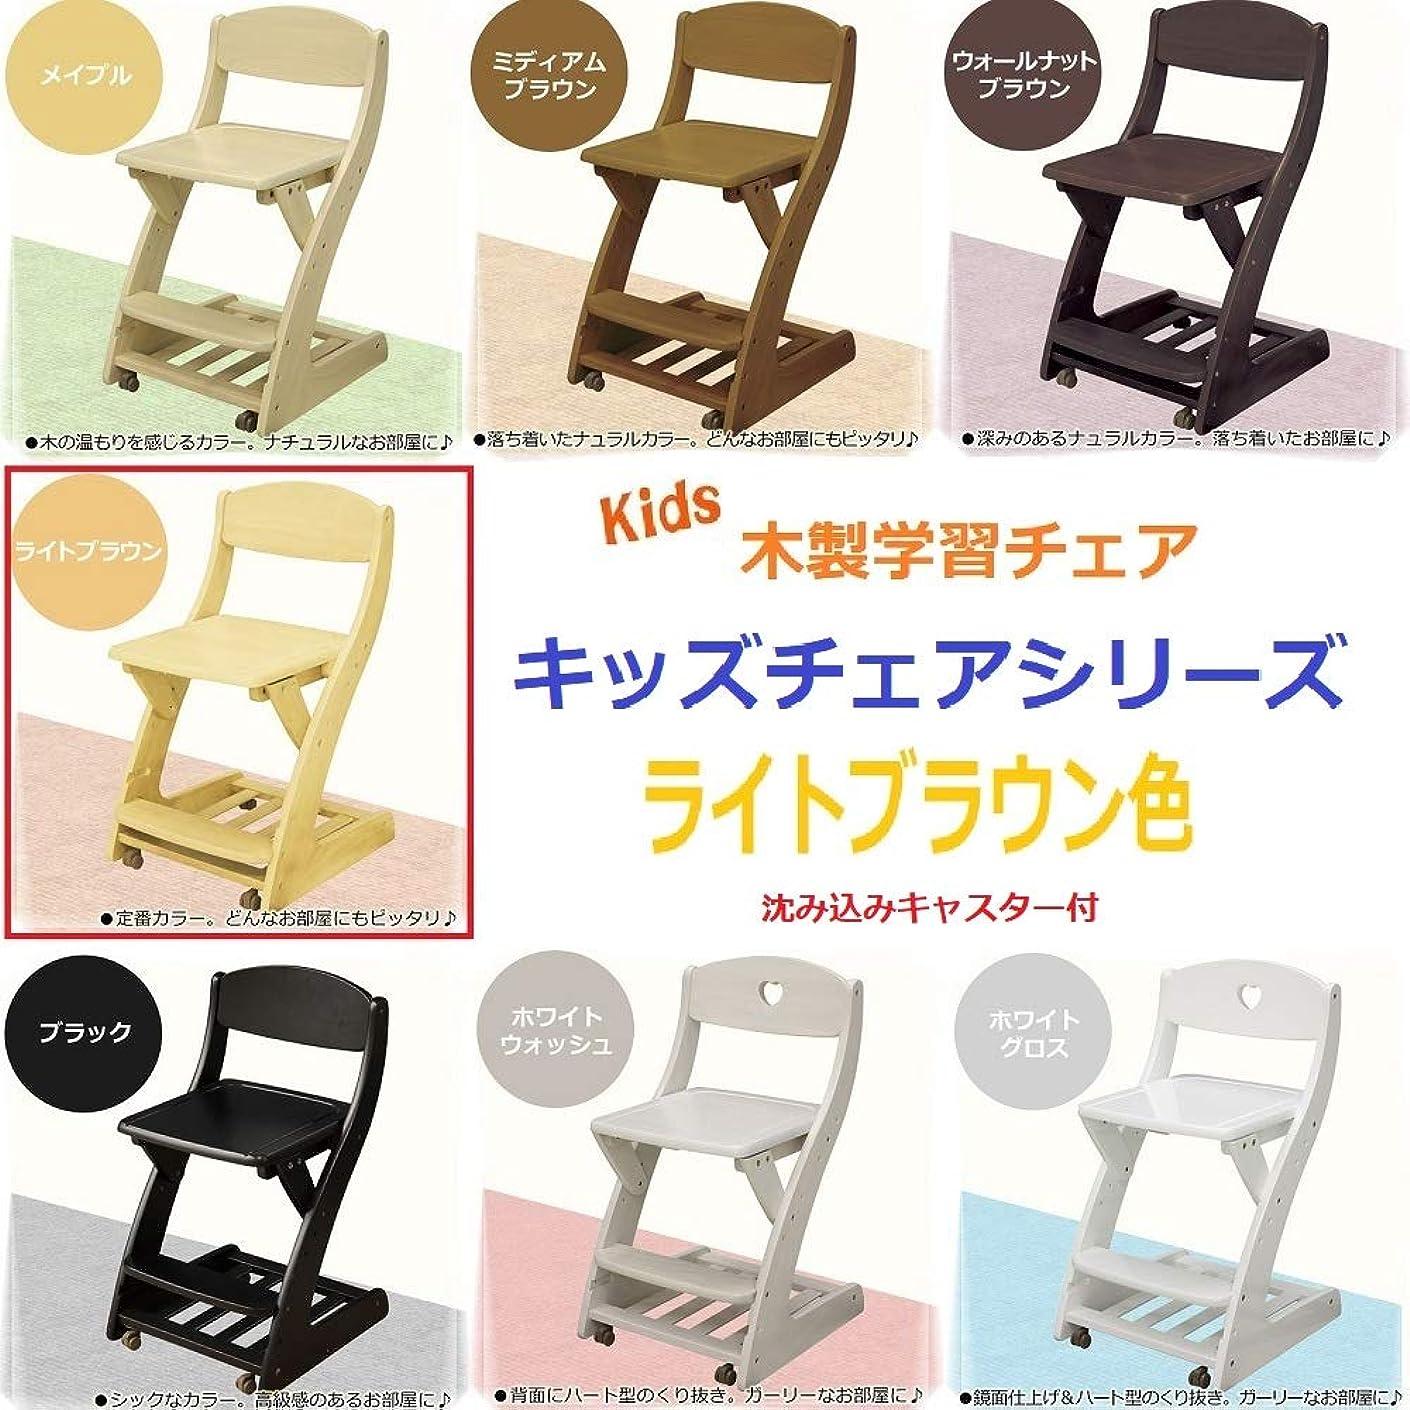 カッター後世安西木製チェア 板座 学習机用 WC-16 木製椅子 木製イス 学習椅子 学習チェア 学習イス キッズ用チェア (LBライトブラウン)